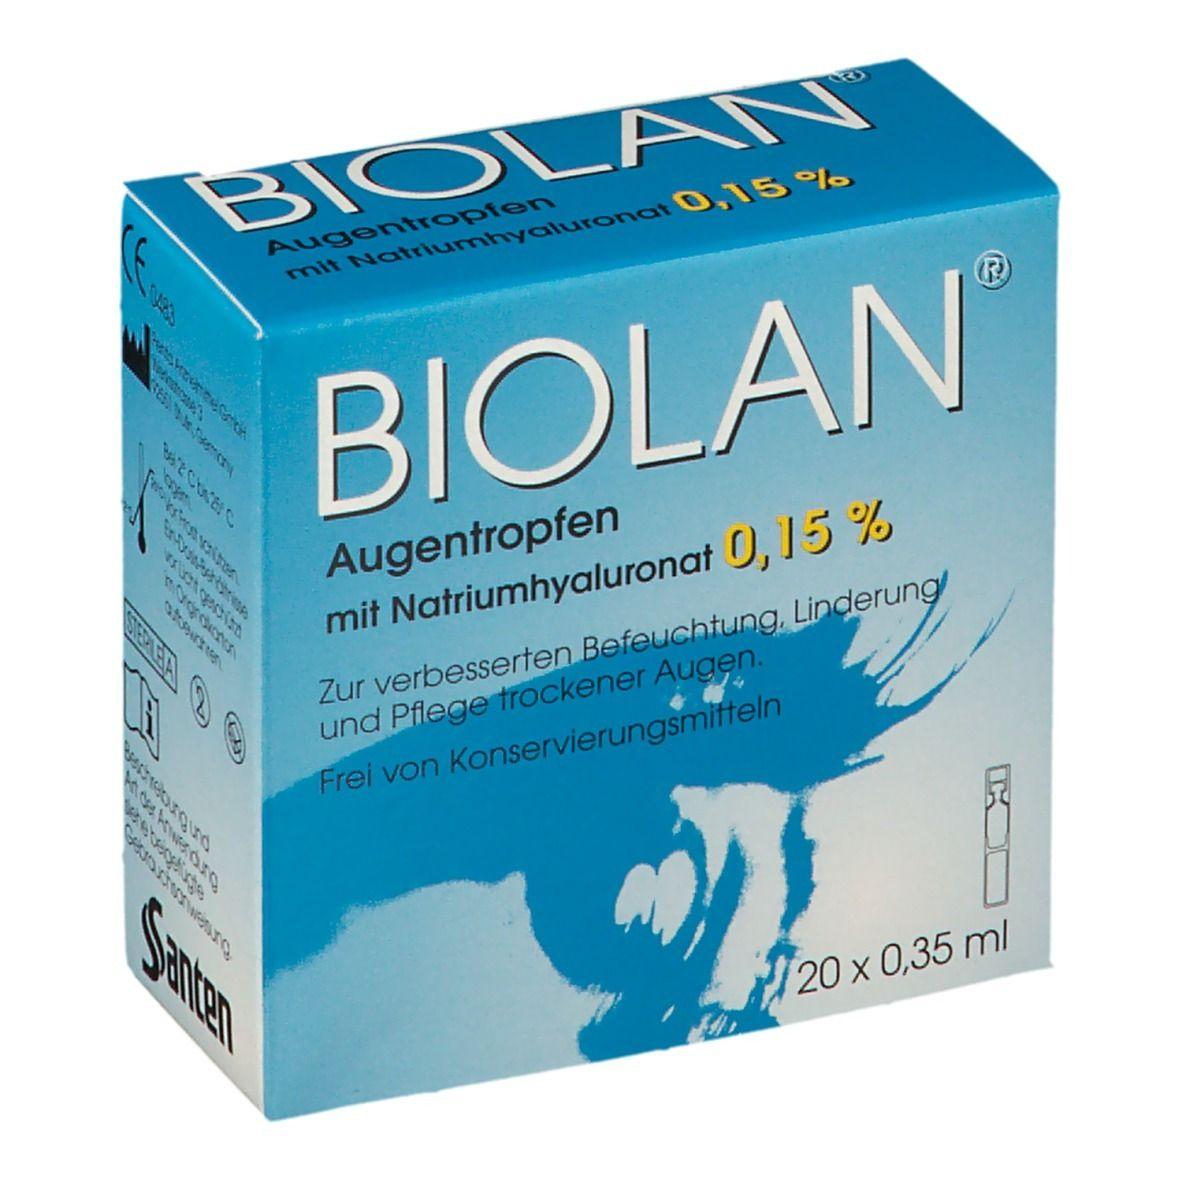 BIOLAN® Augentropfen